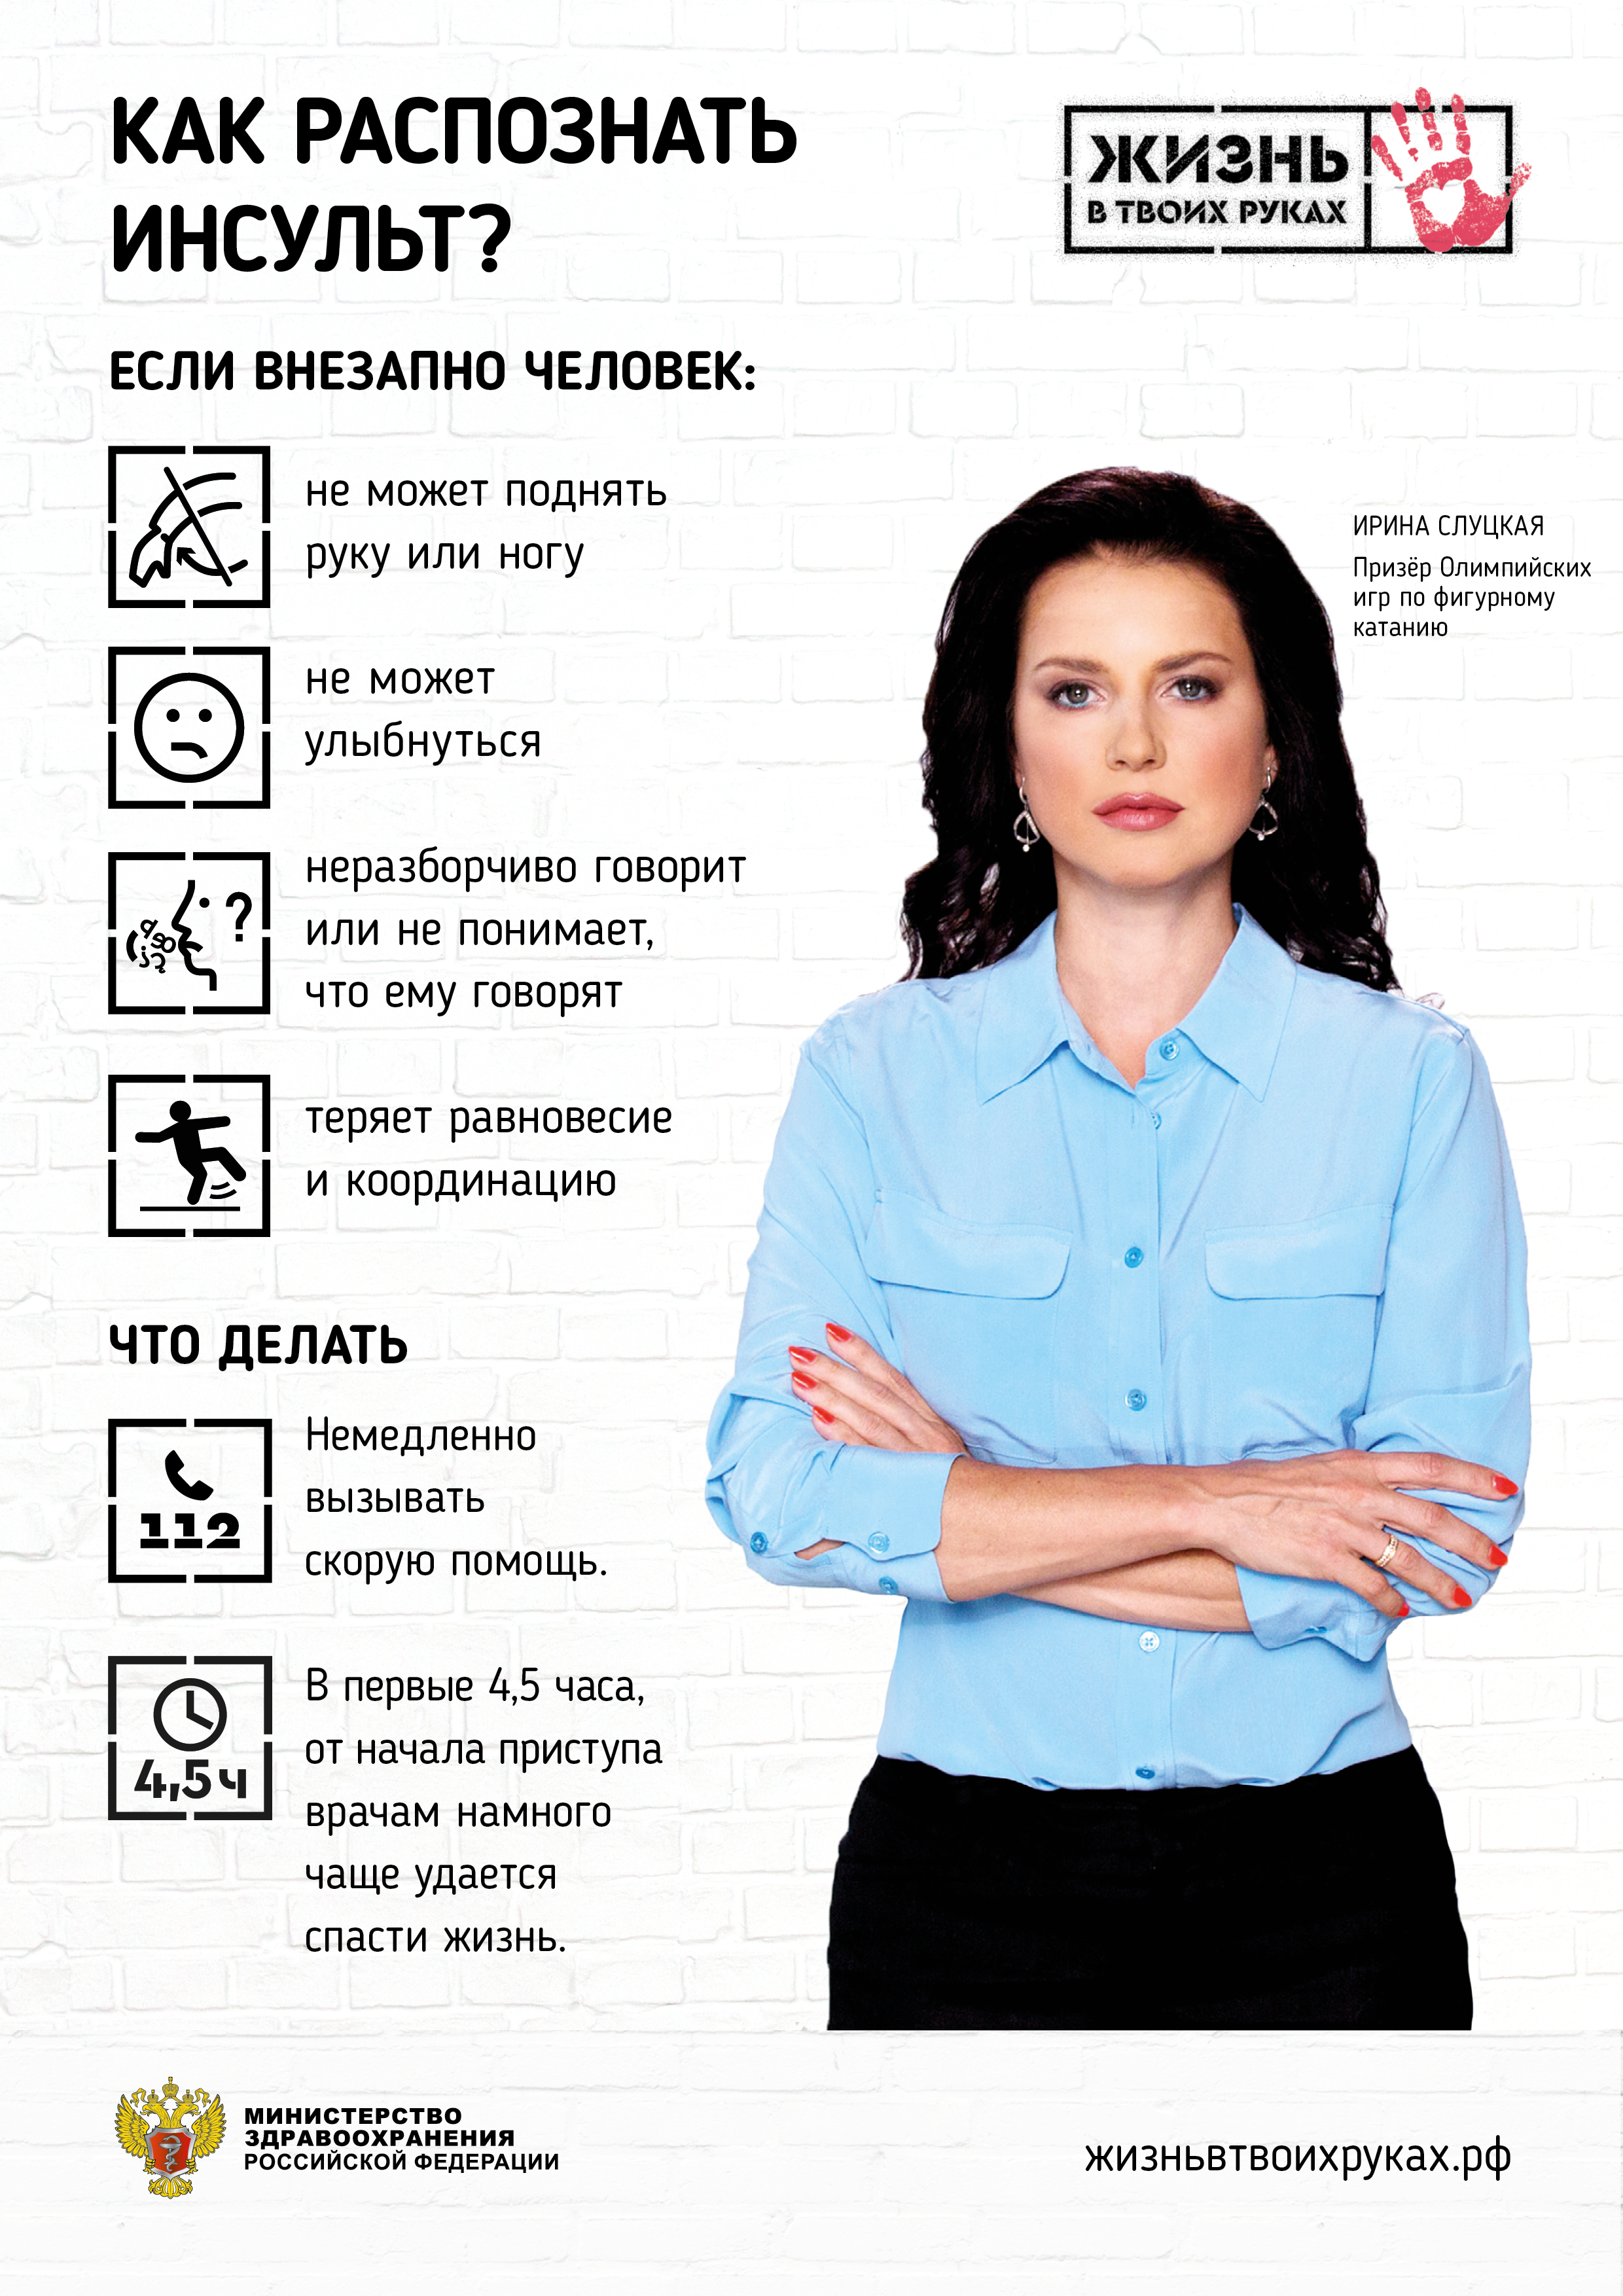 Всемирный день борьбы с инсультом: Ирина Слуцкая рассказывает, как распознать инсульт